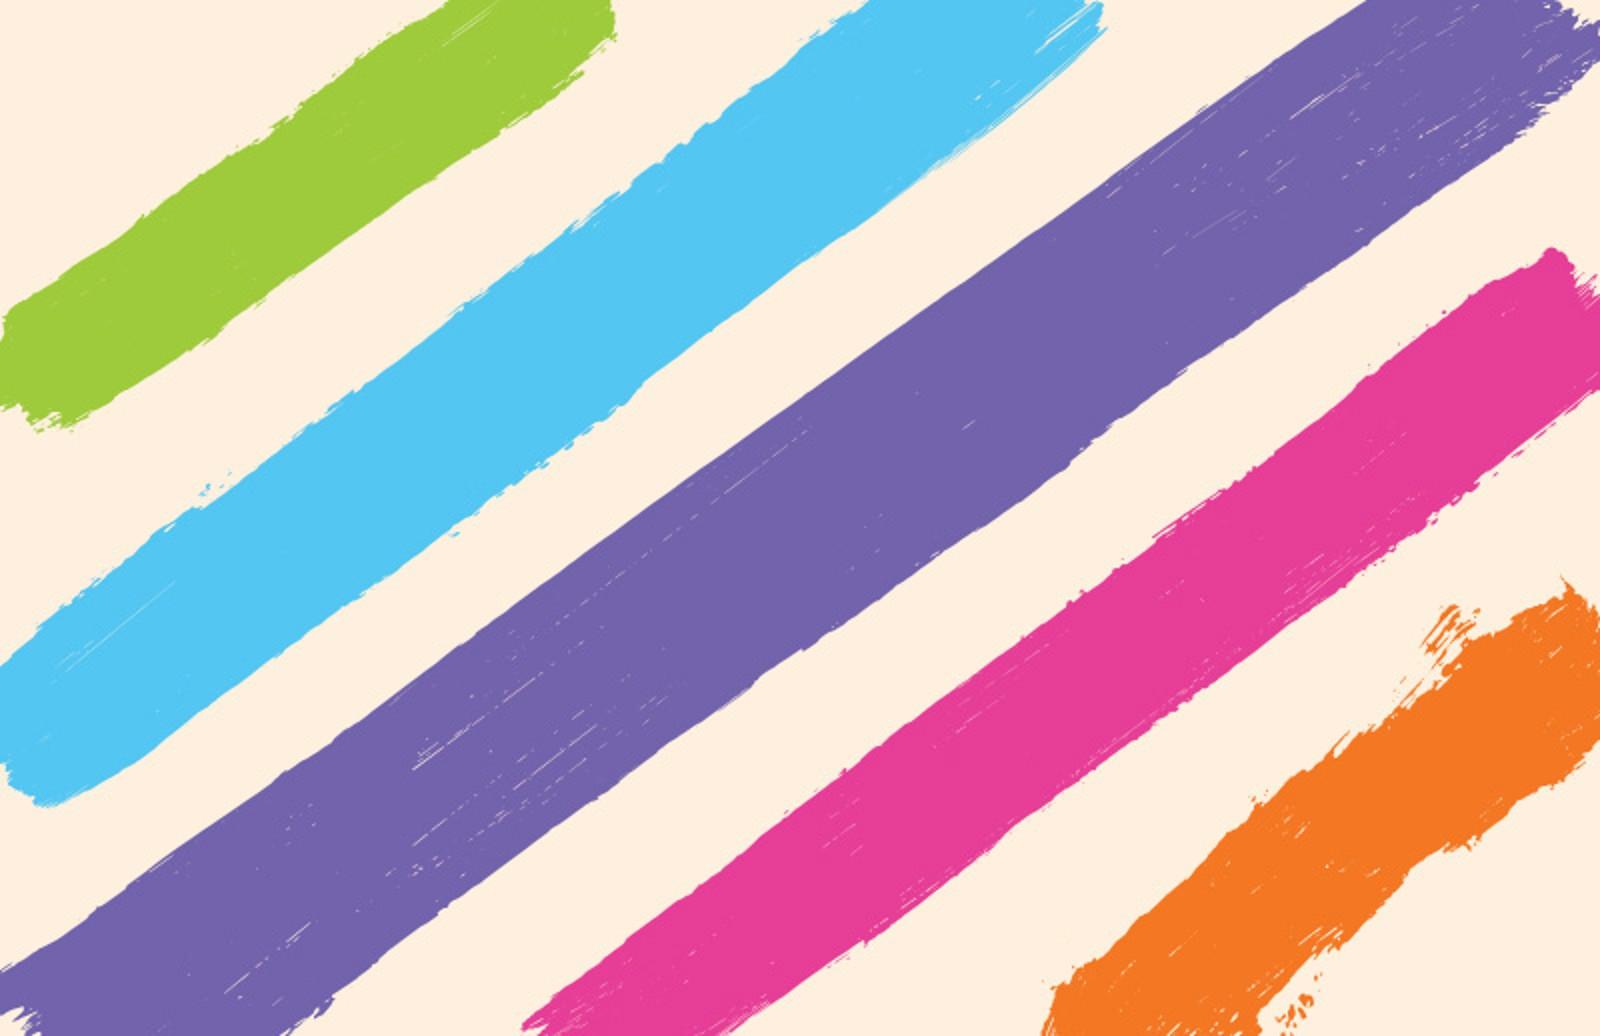 Illustrator  Brush  Strokes  Preview 1